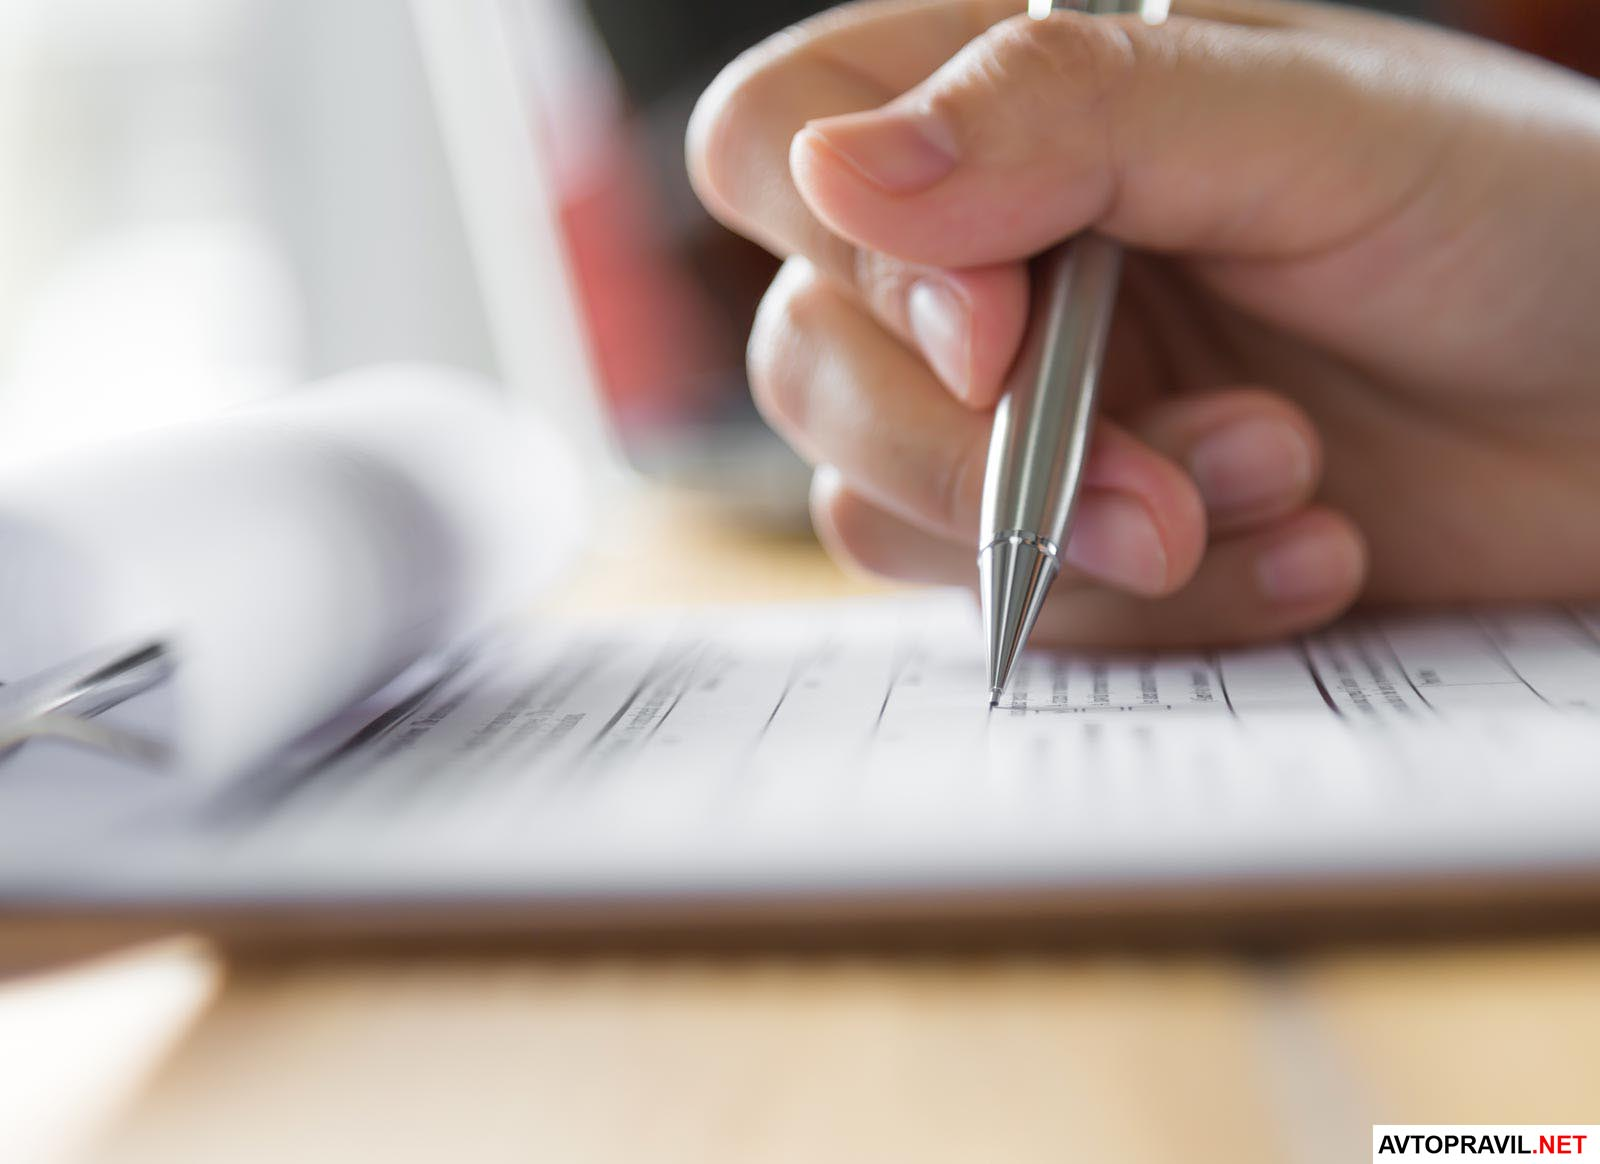 Рука человека держащая ручку в руке